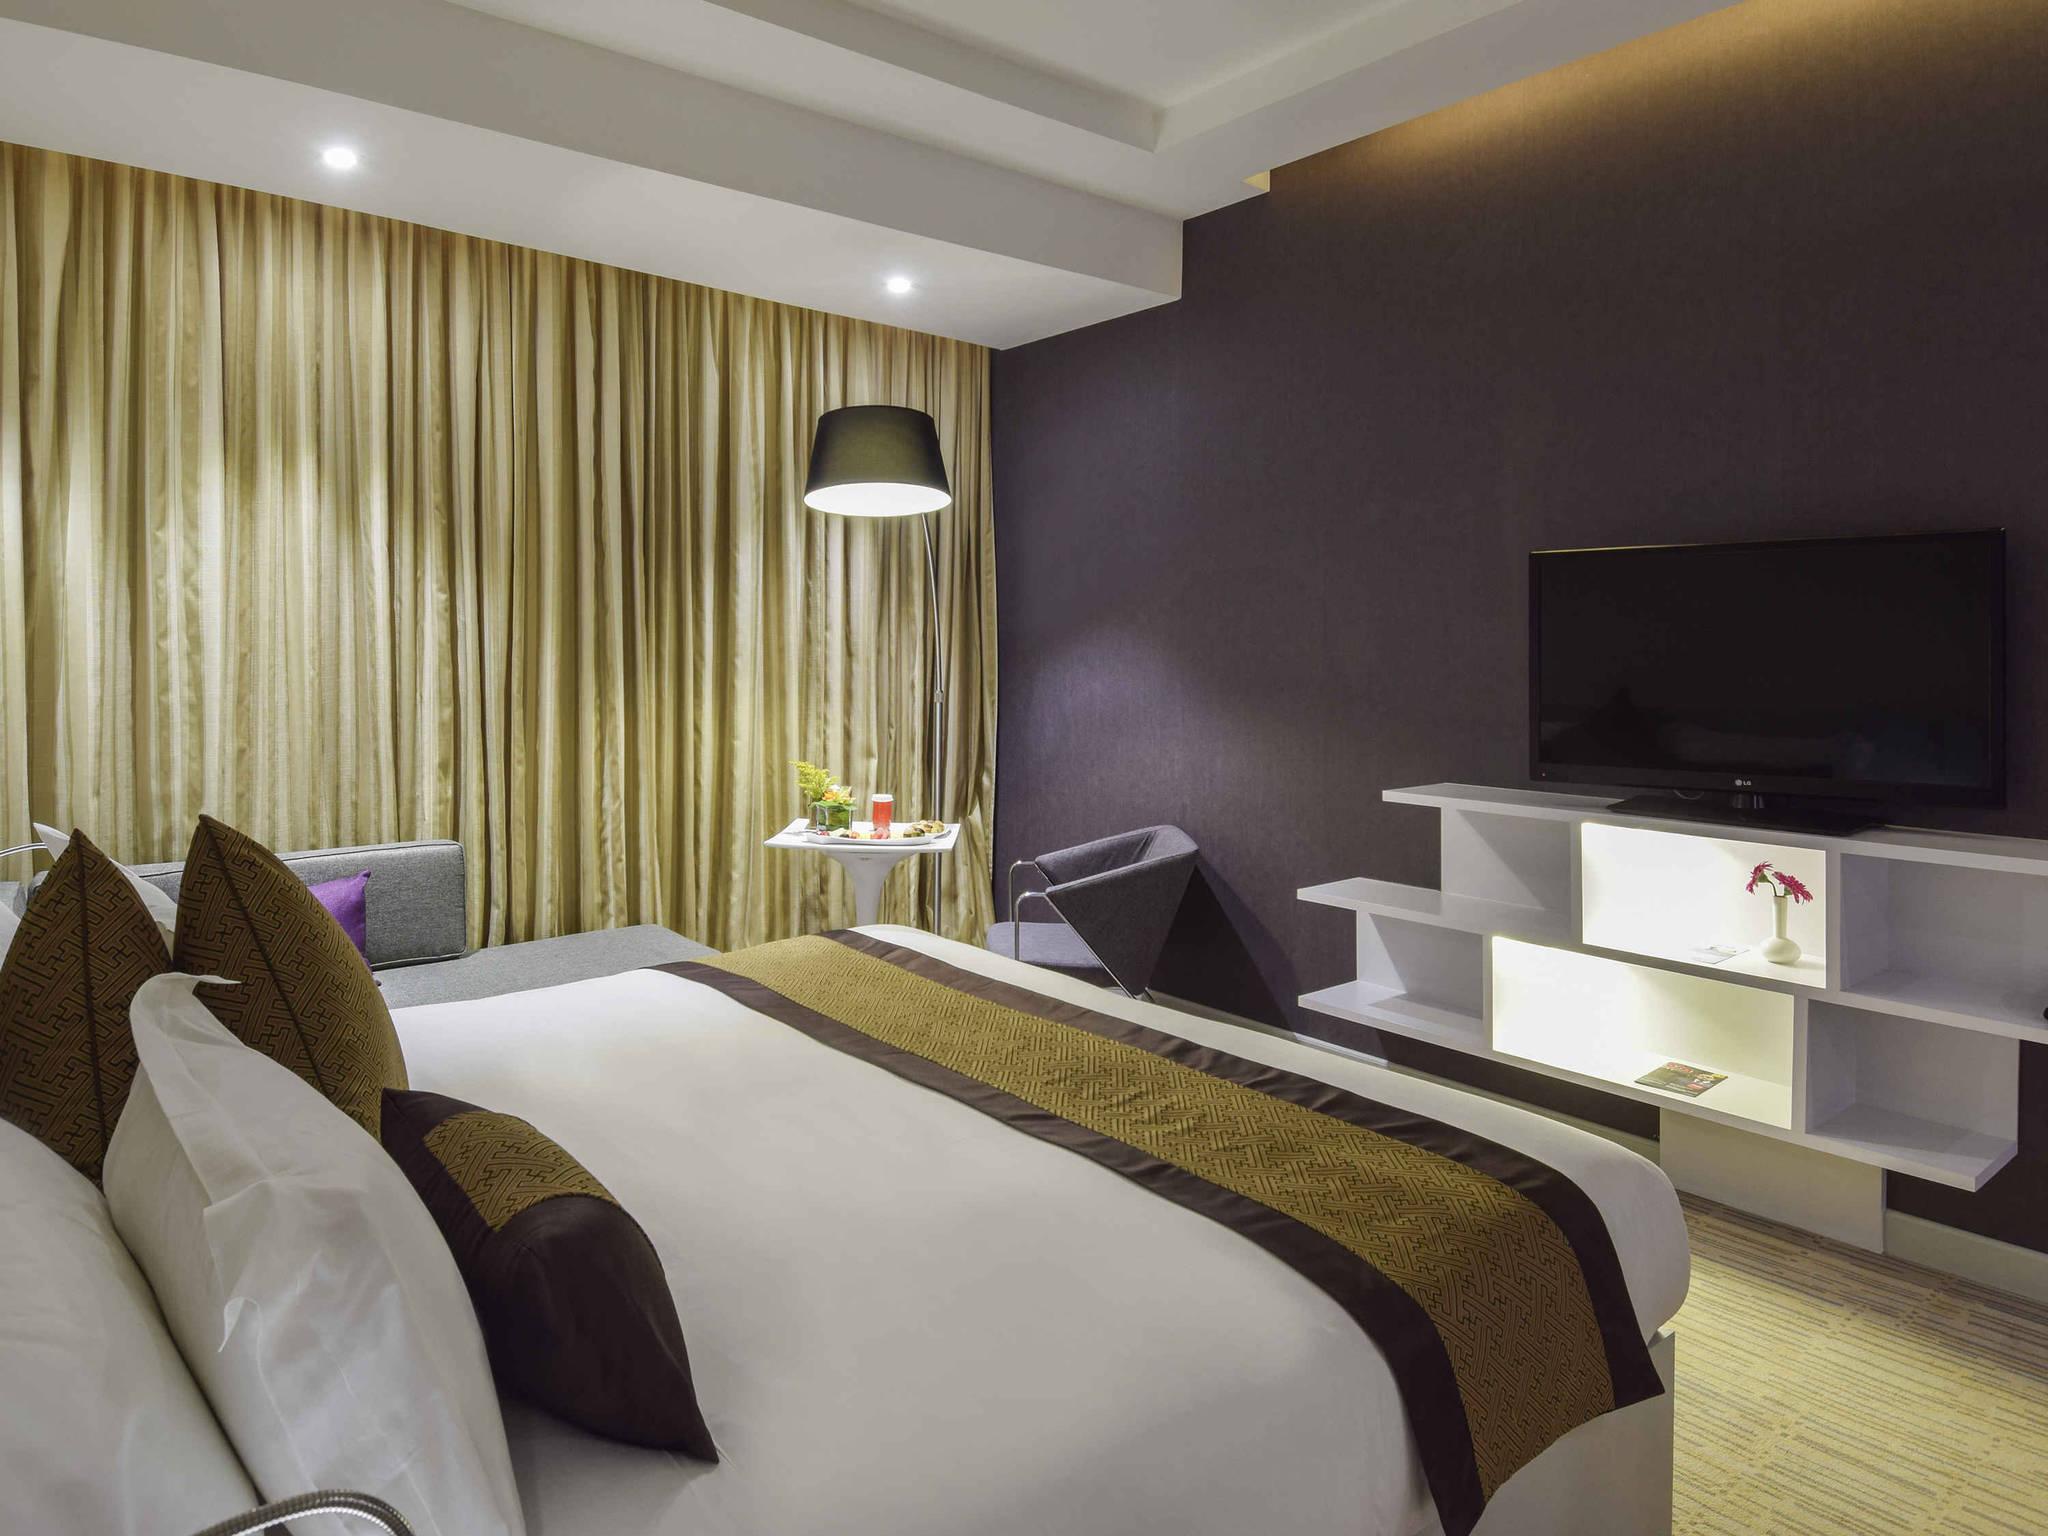 فندق - أجنحة نوفوتيل الرياض ديار